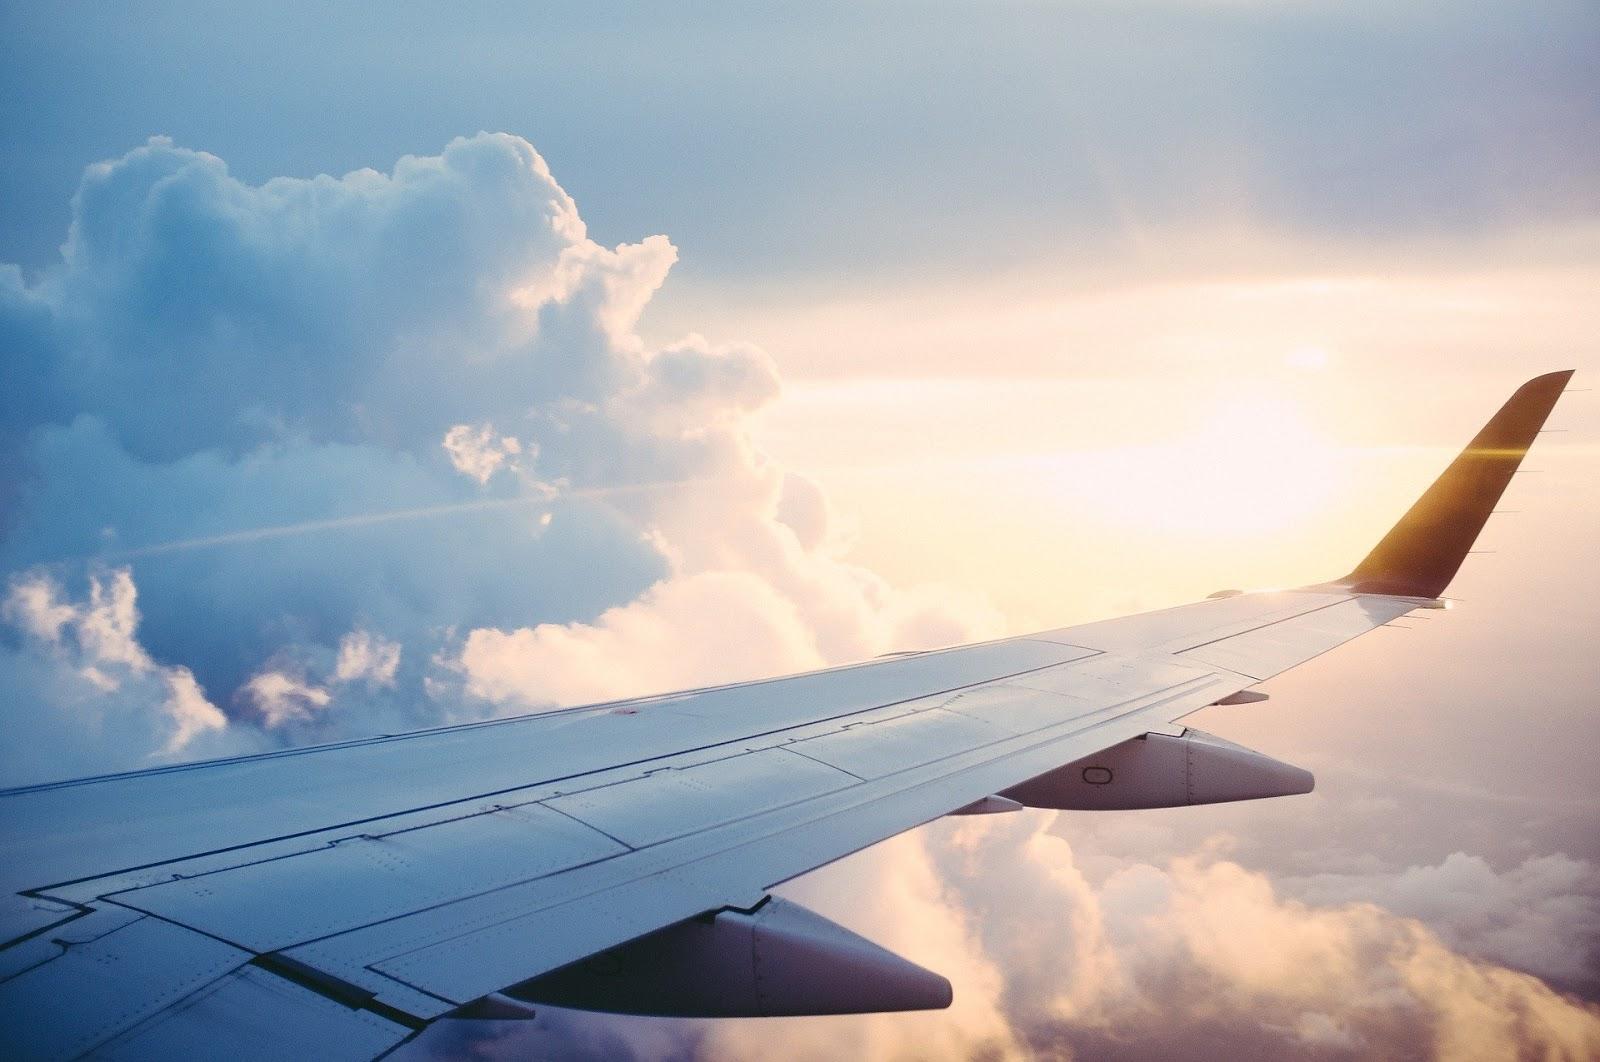 pesawat-pixabay